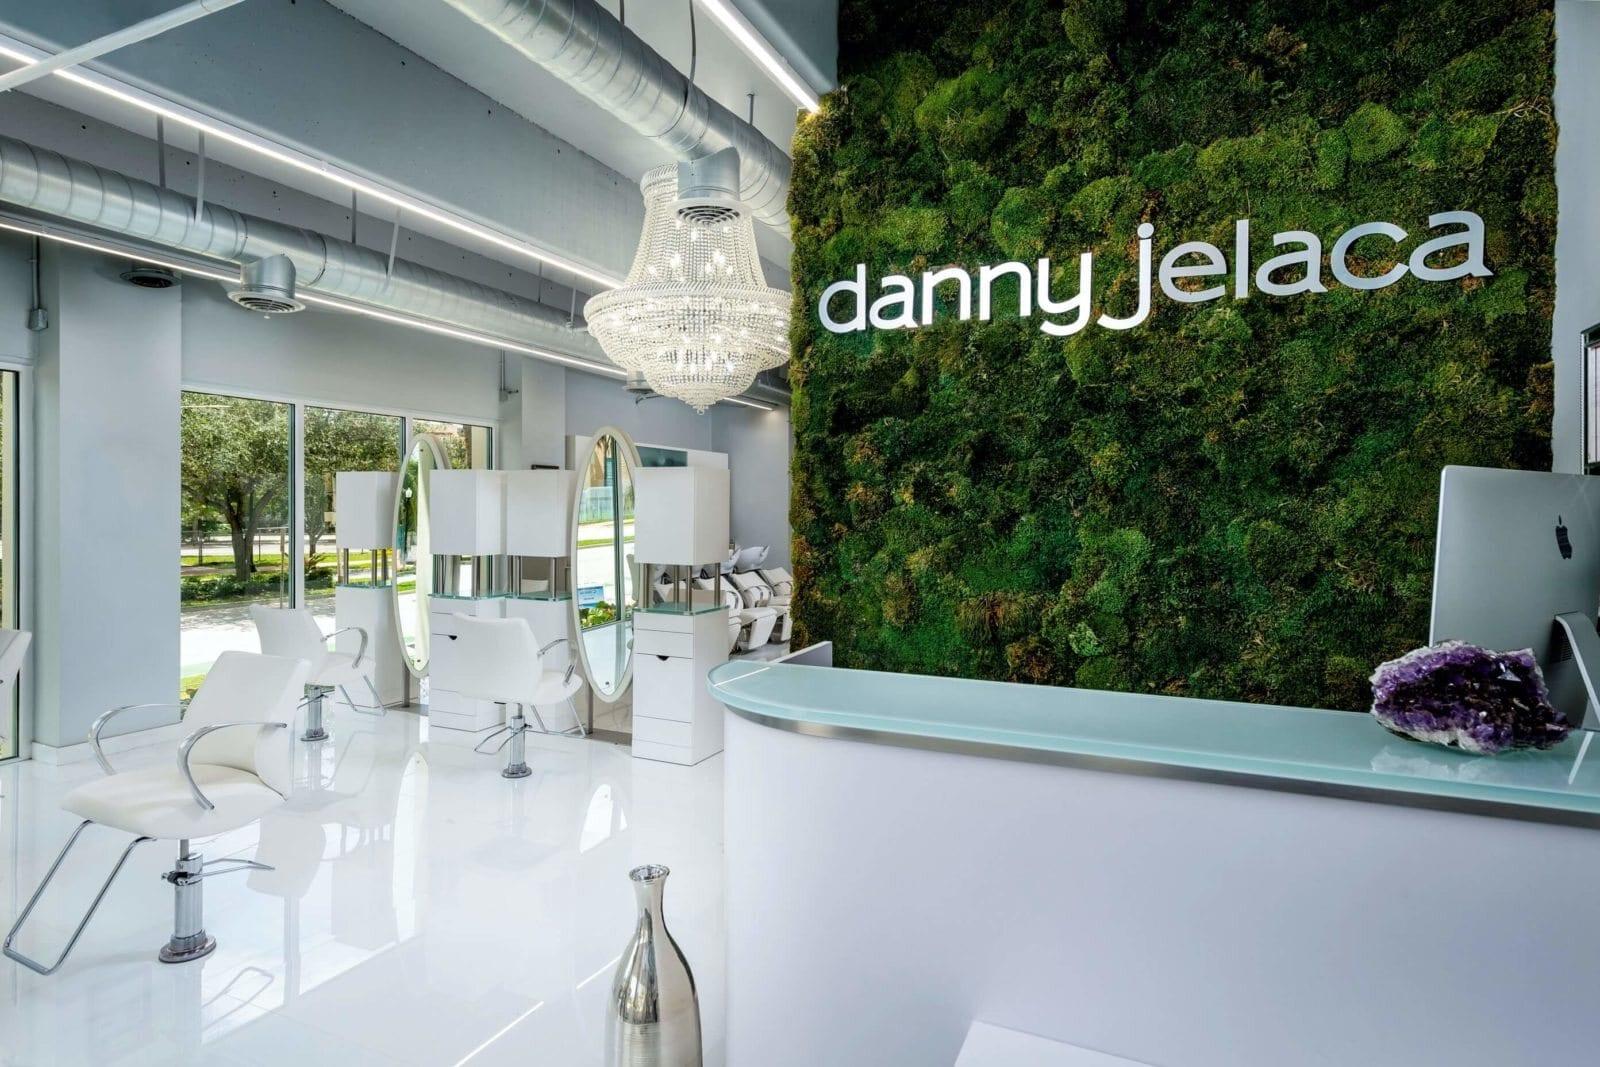 Danny Jelaca Salon & Spa